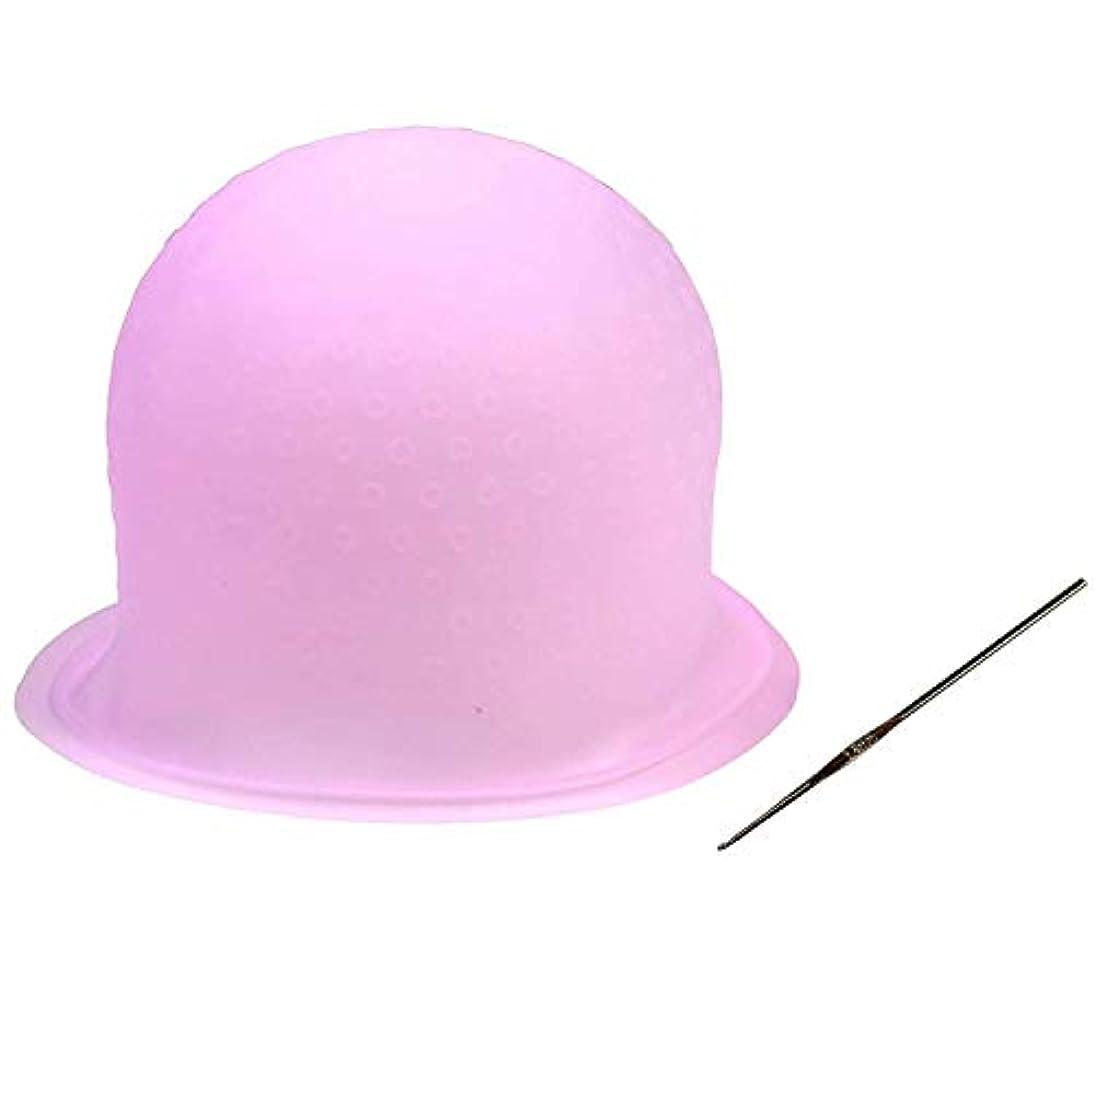 争う小道具オープナー毛染めキャップ 洗って使える ヘアカラー メッシュ シリコン ヘア キャップ(かぎ針付き) 再利用可能 染め専用 ボンネット 部分染め 自宅 DIY (ピンク)